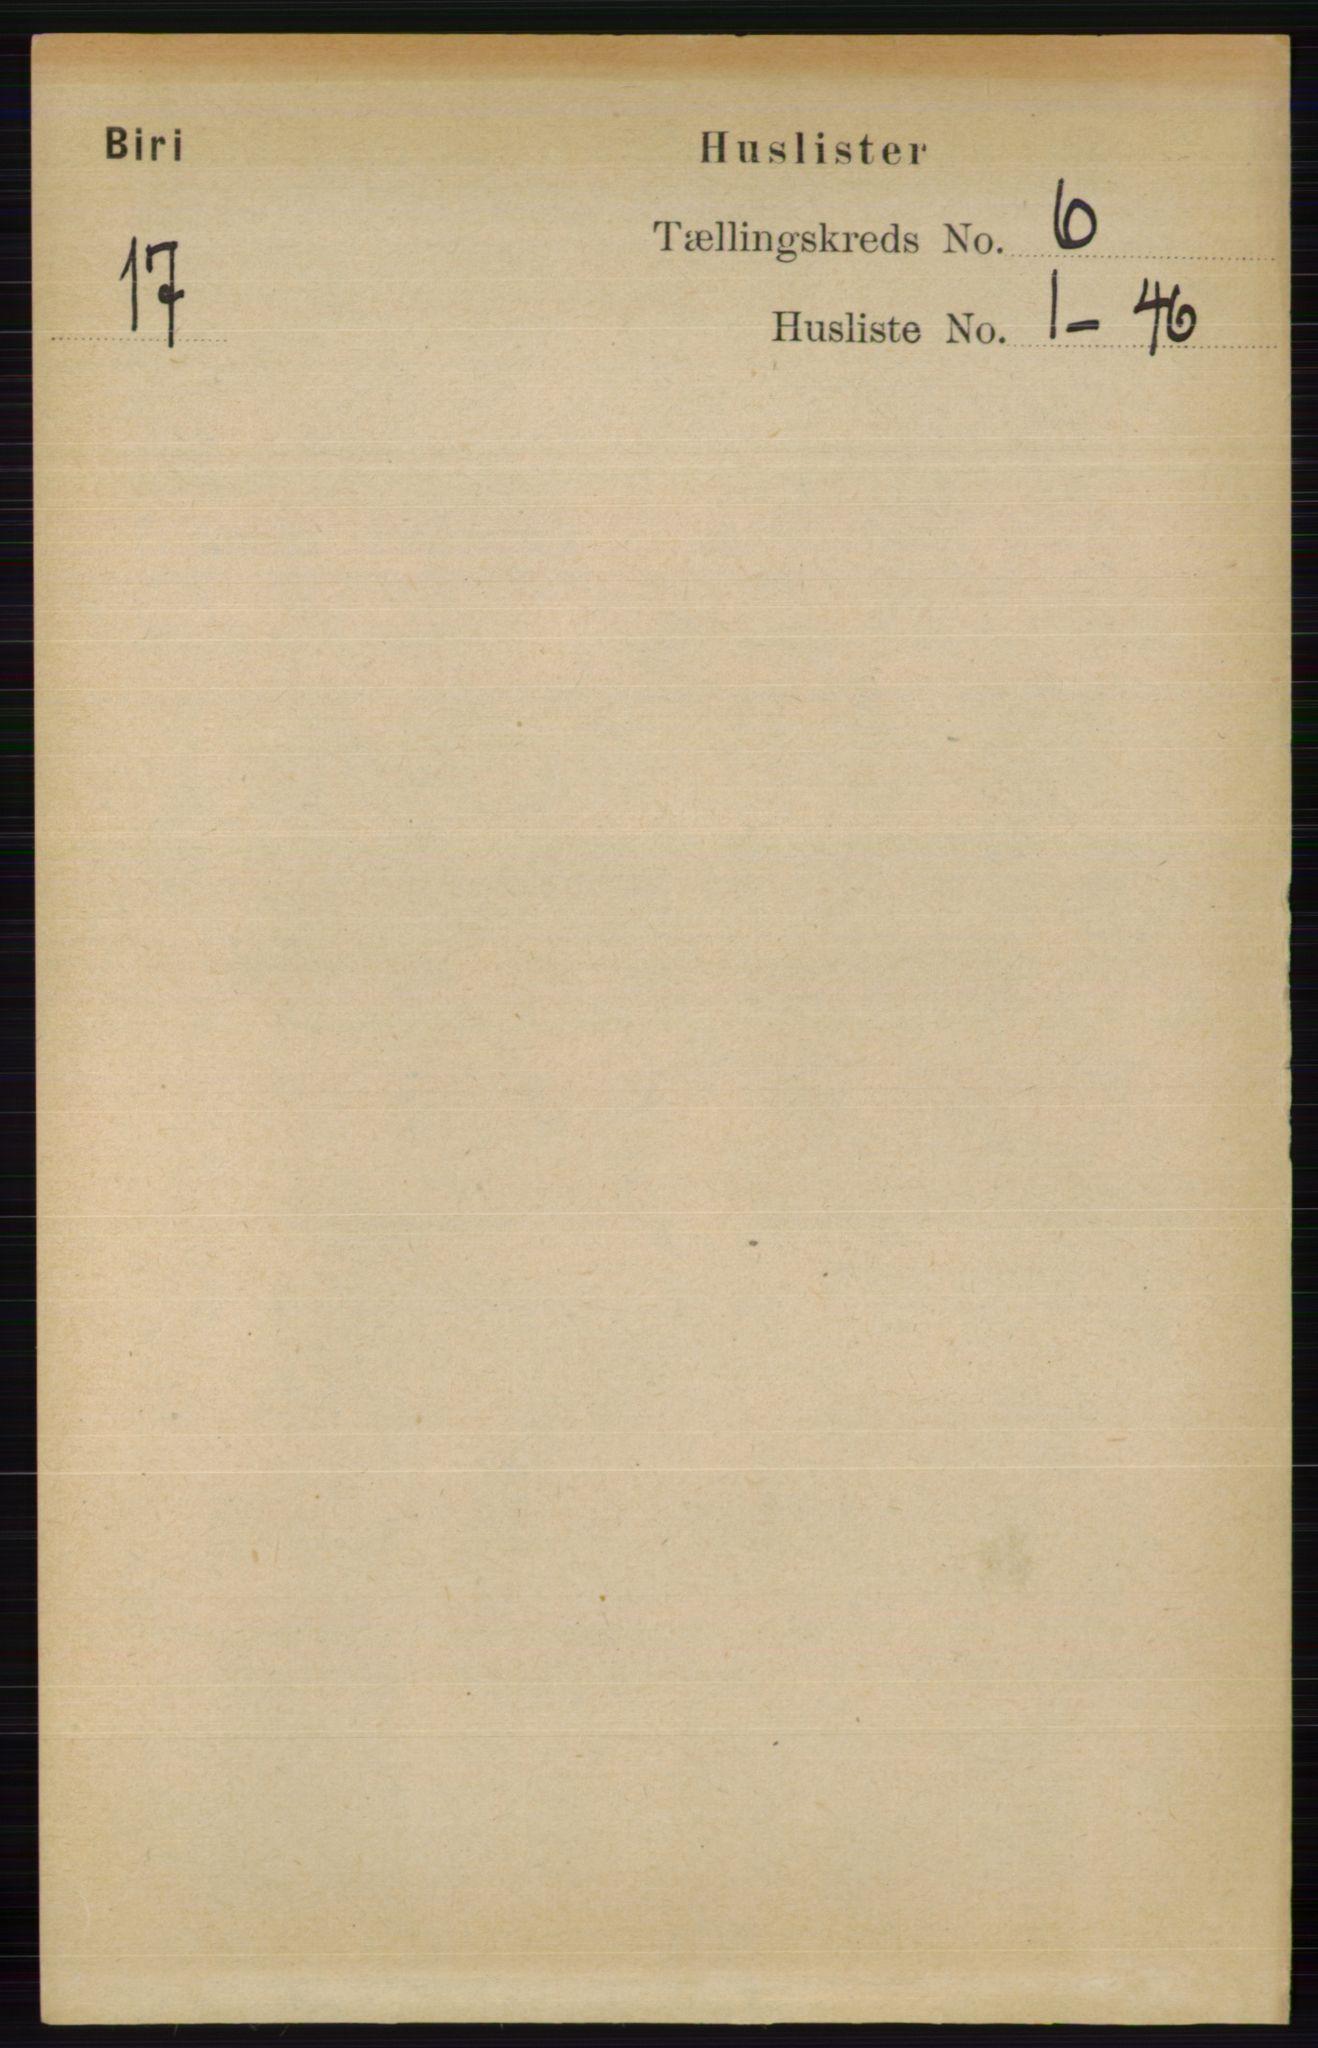 RA, Folketelling 1891 for 0525 Biri herred, 1891, s. 2085